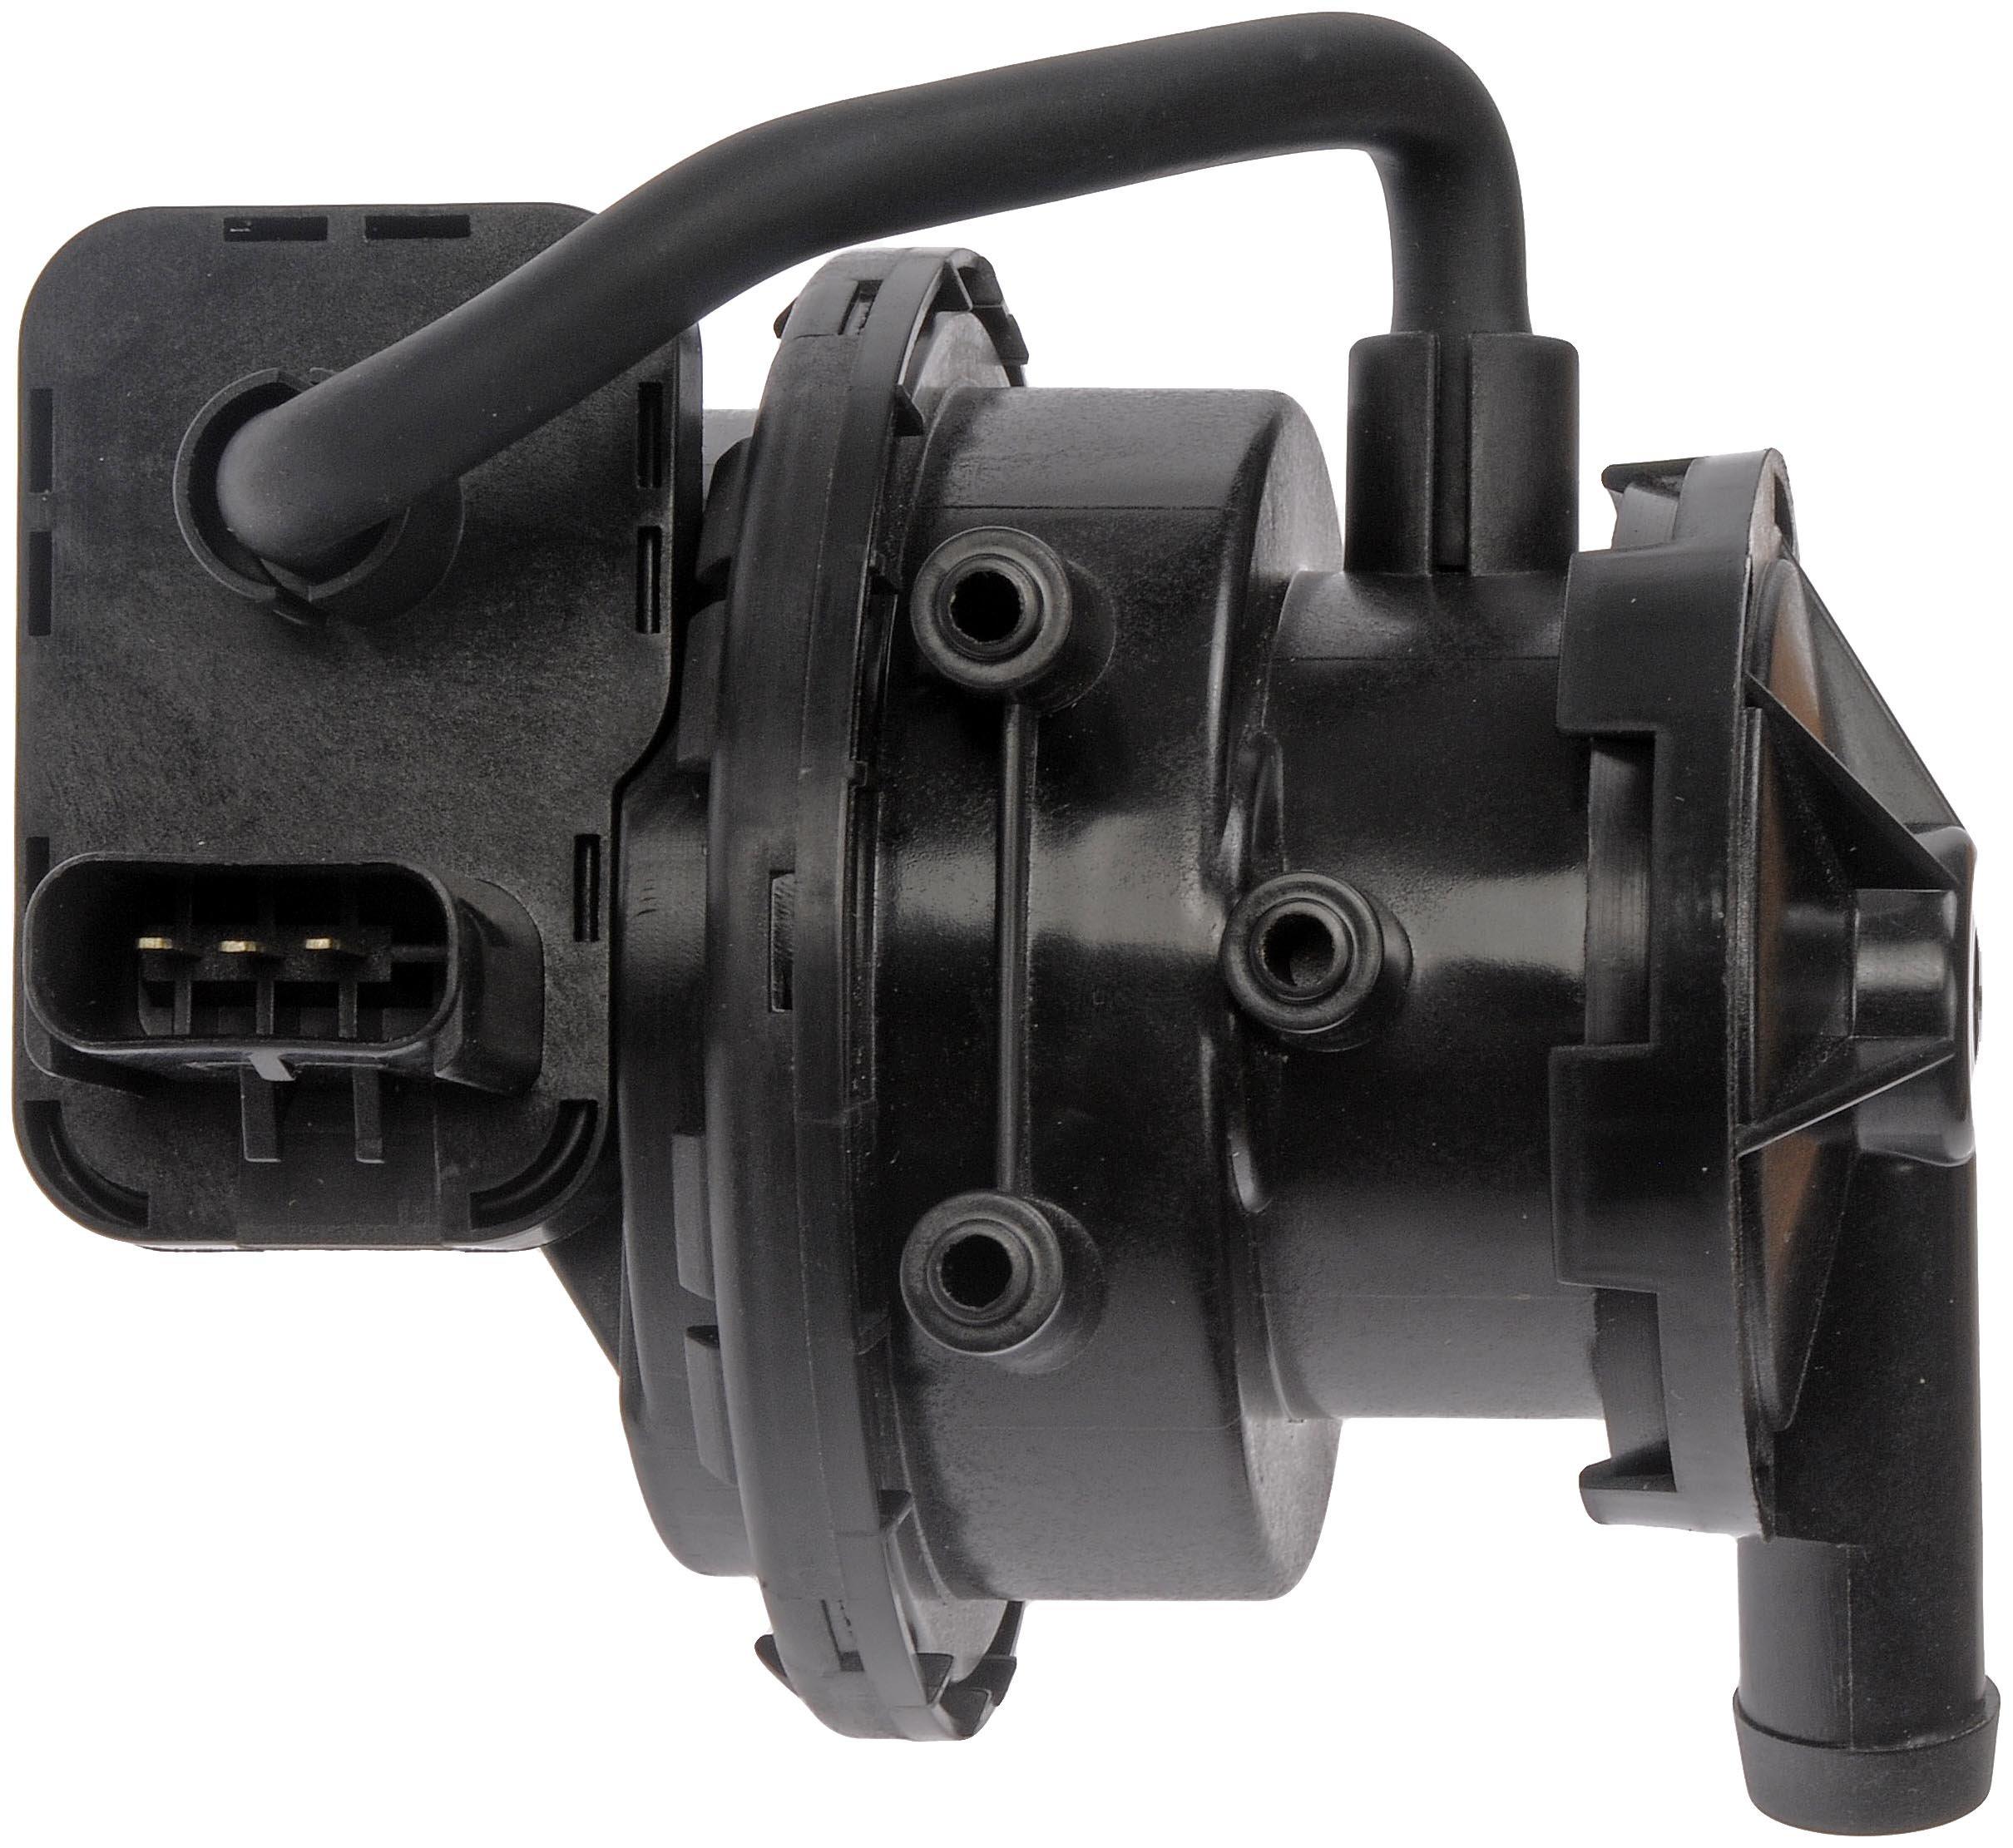 Dorman 310-202 Fuel Vapor Leak Detection Pump by Dorman (Image #2)